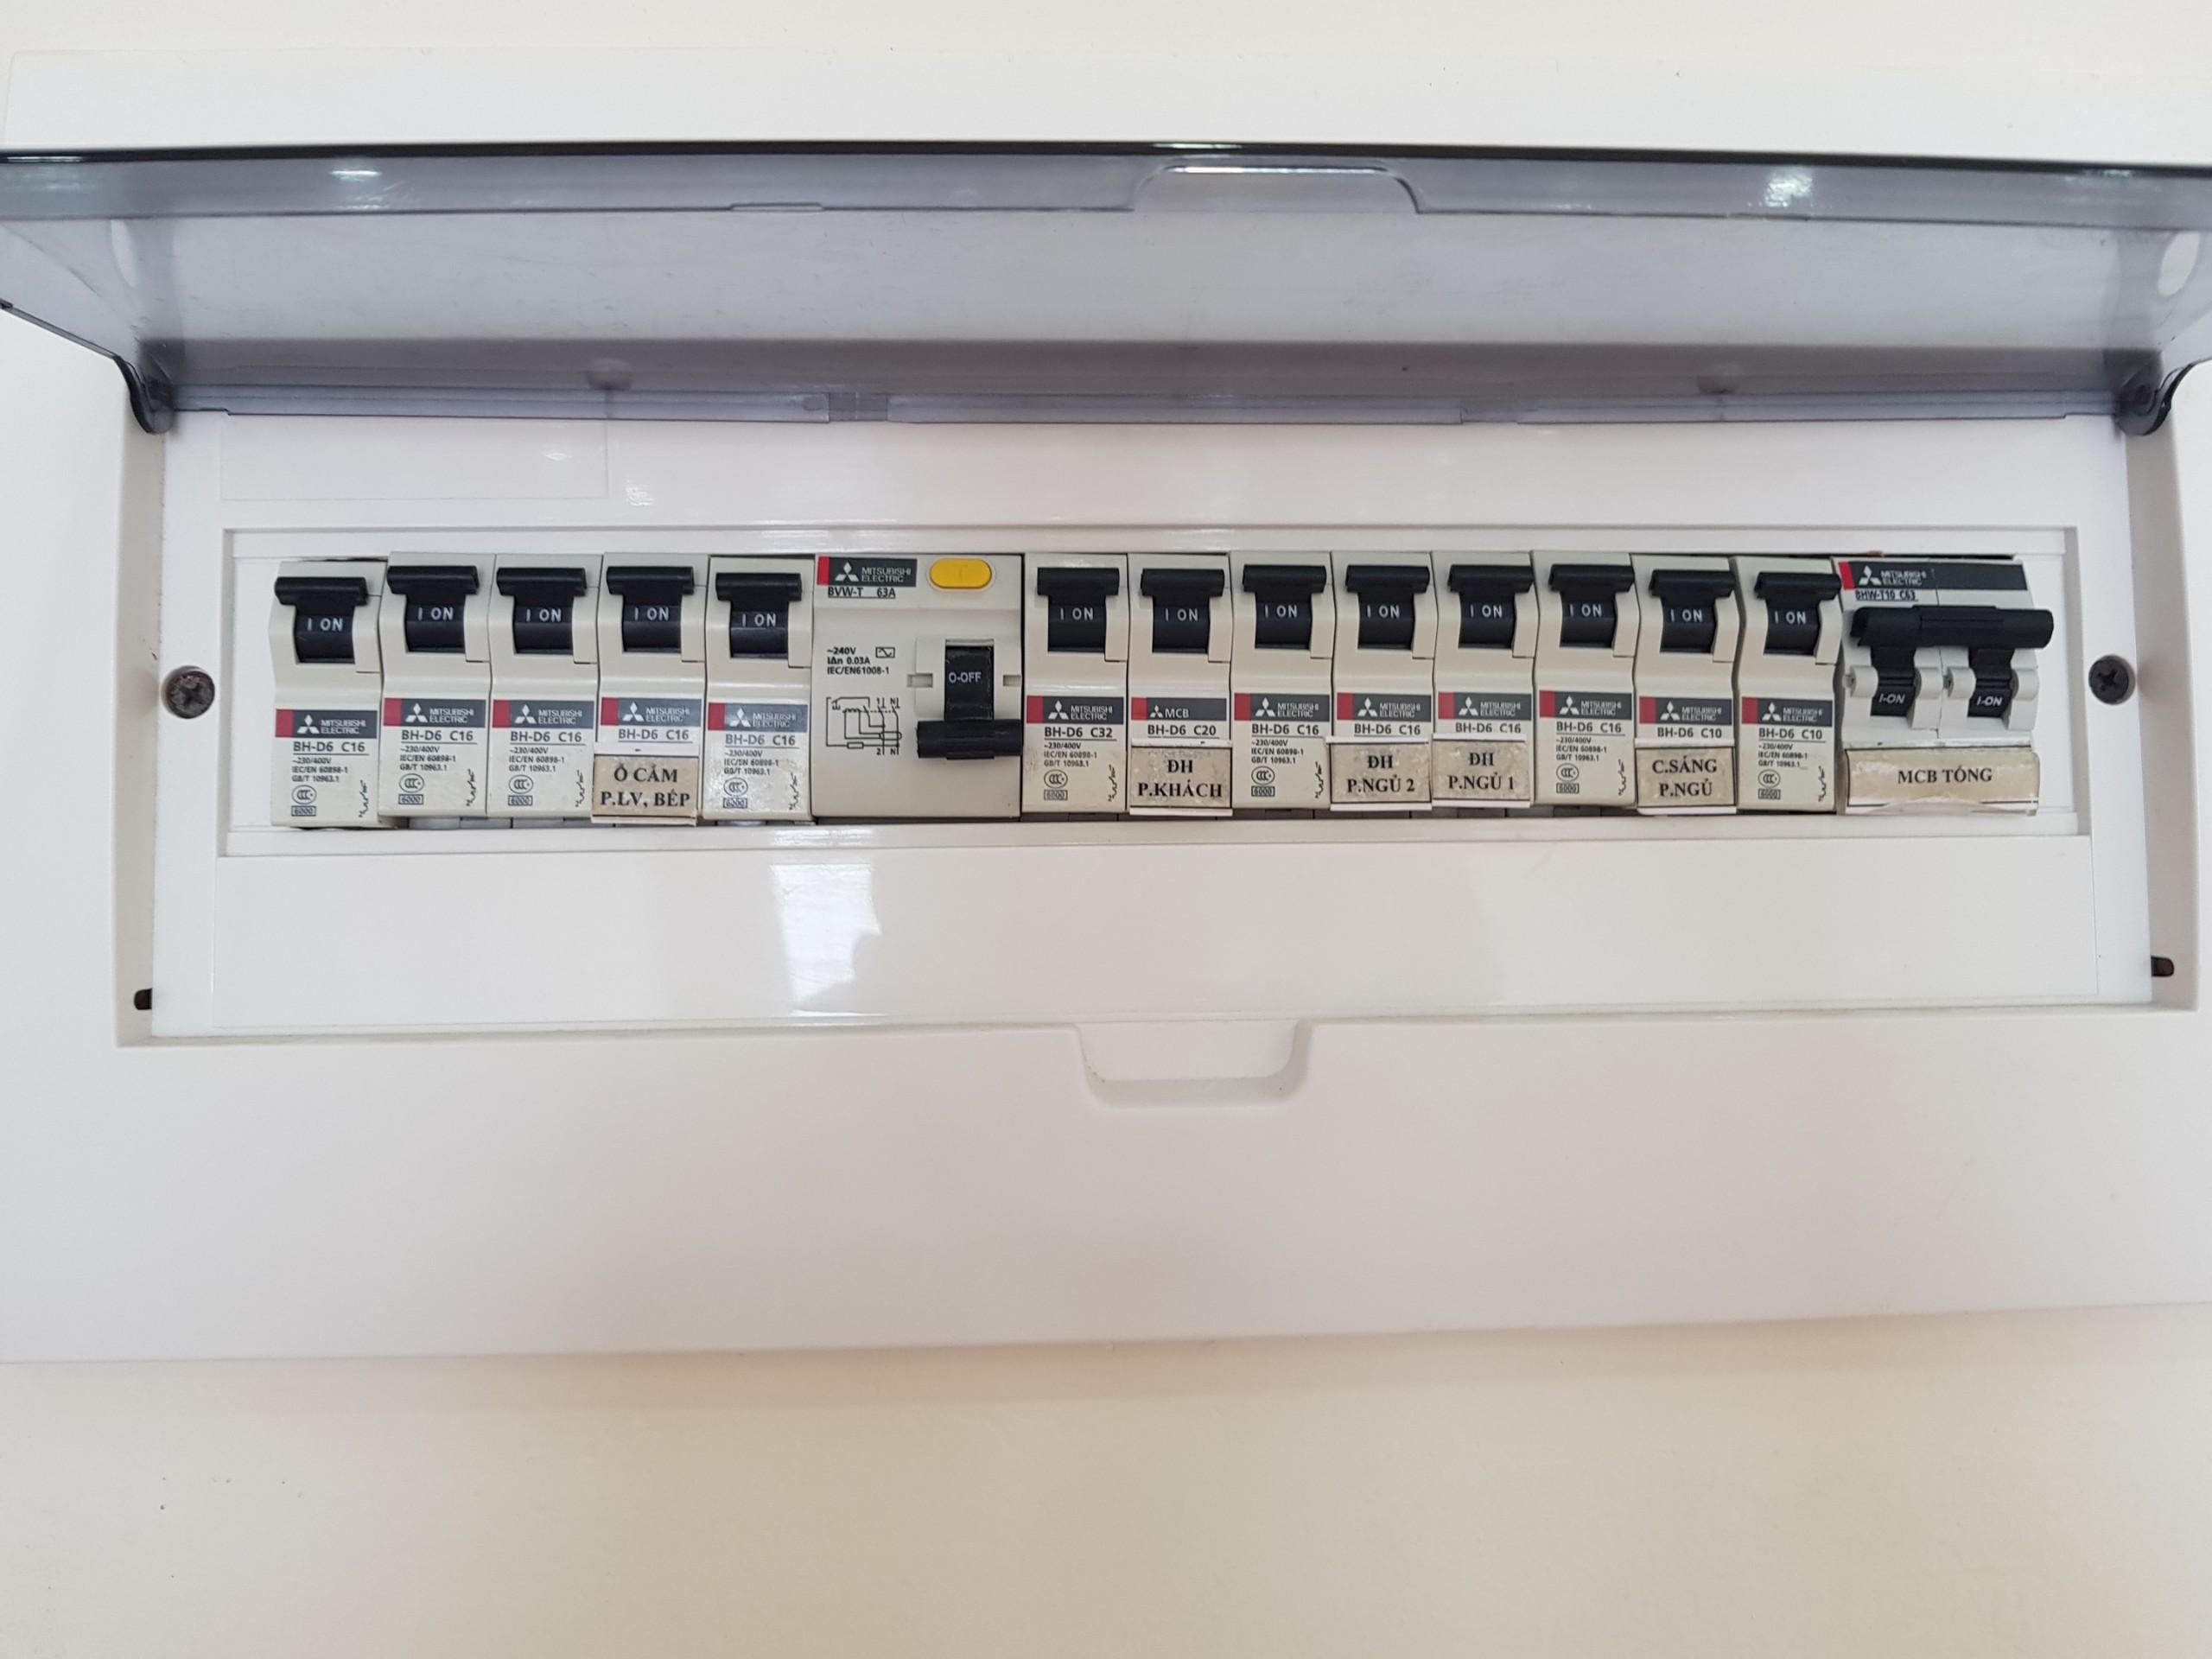 Dự án Epic Home Thái Hà sử dụng Bảng điện Mitsubishi chất lượng cao